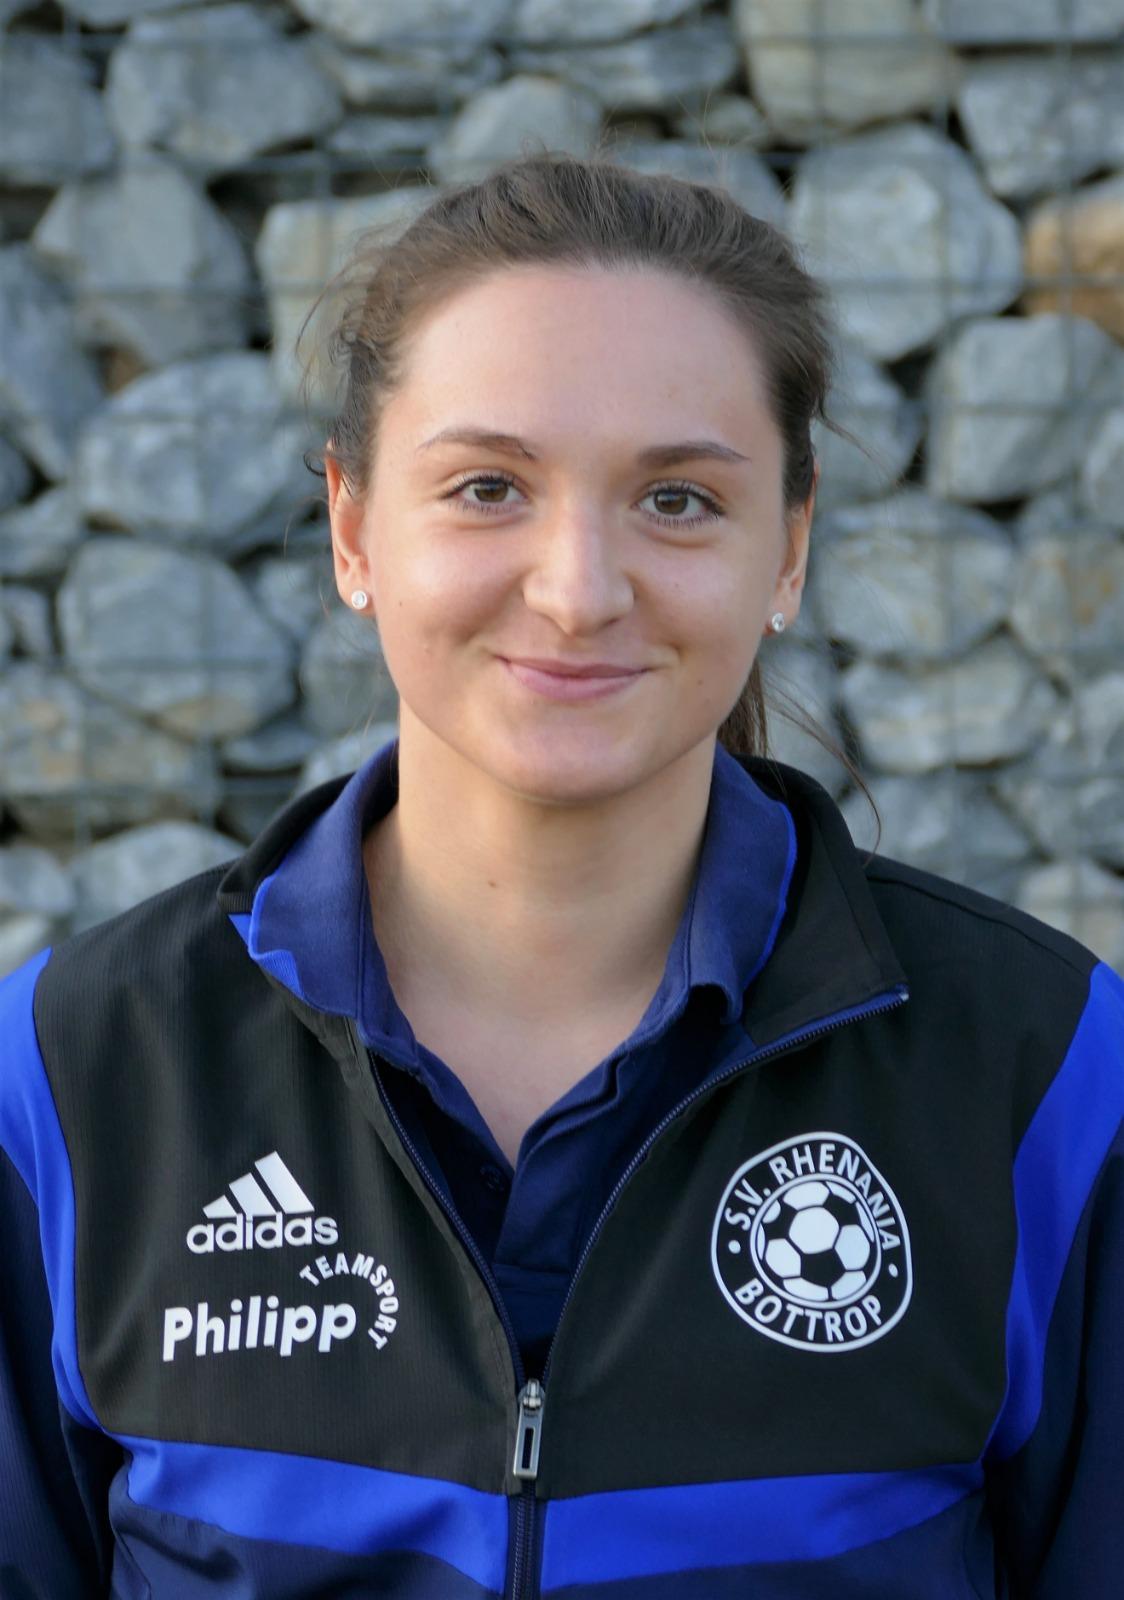 Anne-Sophie Warthun